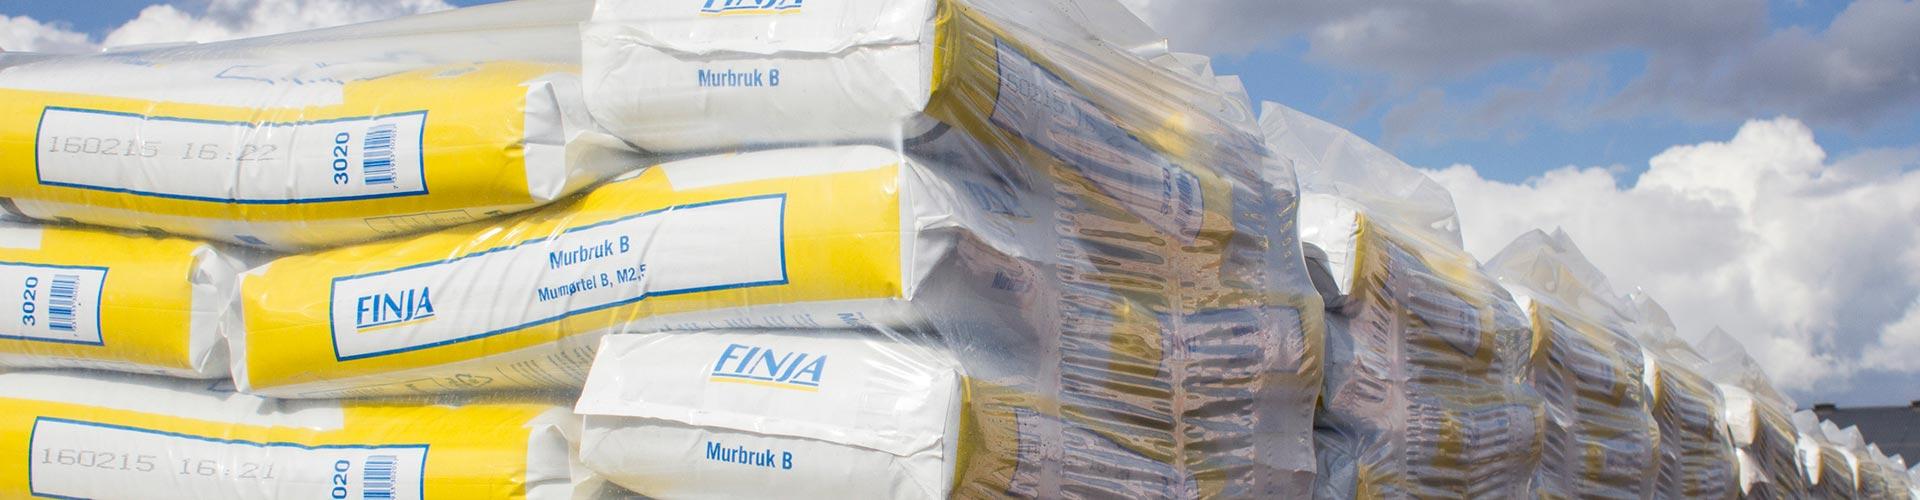 Laga Betong - Produkter från att laga betongtrappa till att laga ... : betonggolv inomhus : Inredning